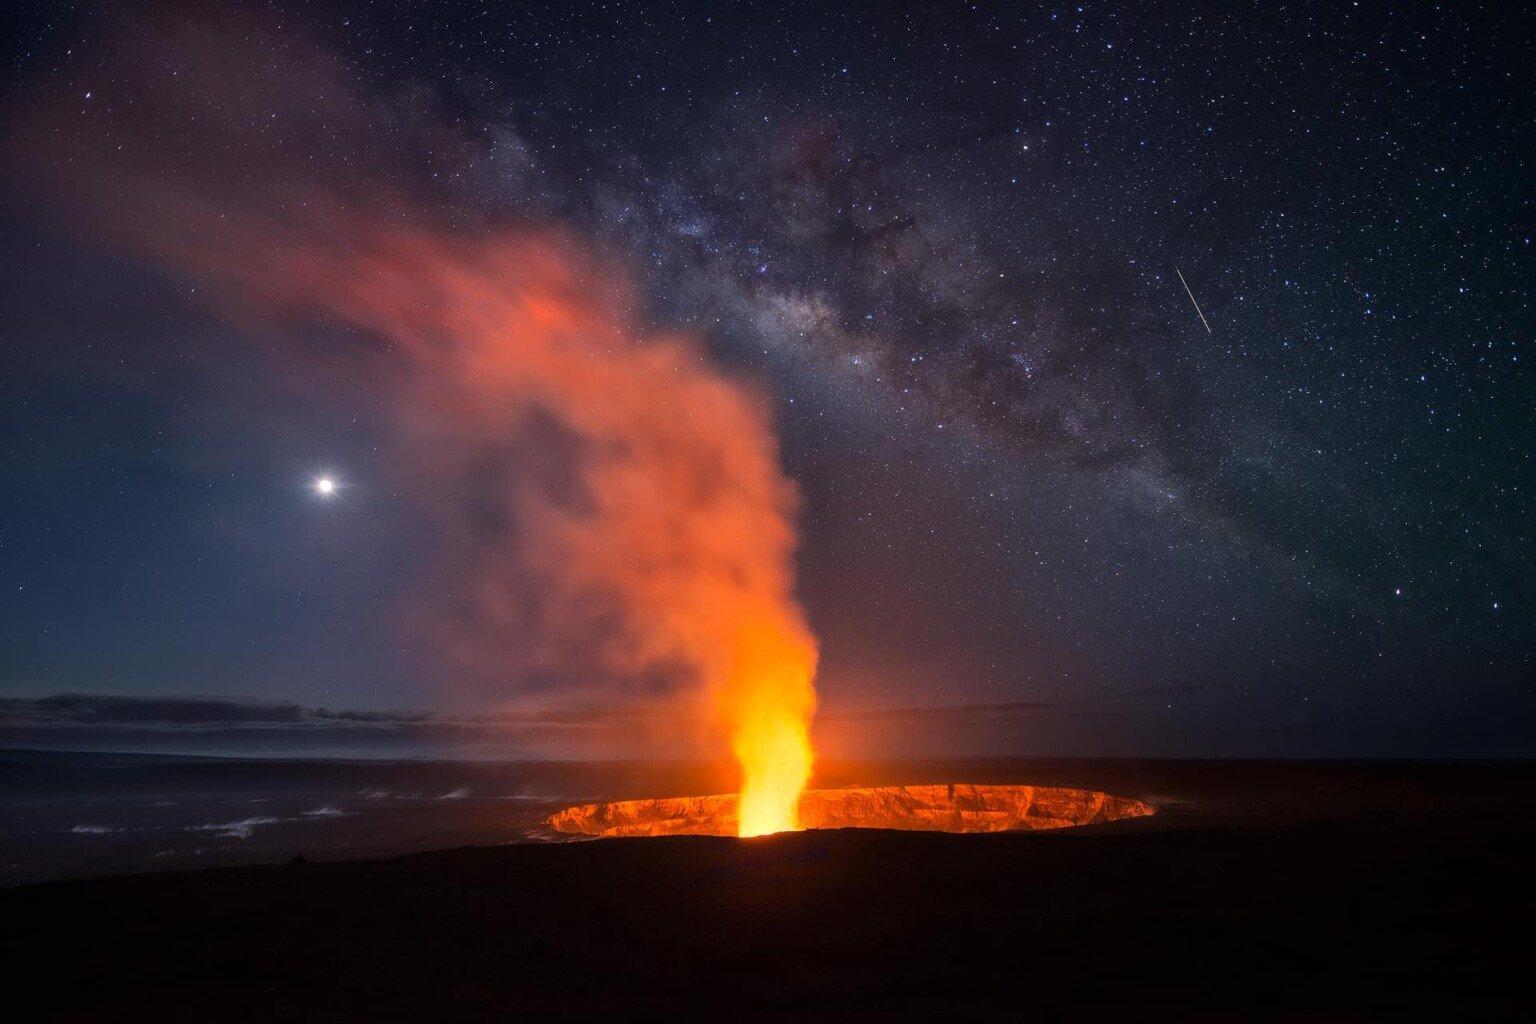 Best-Milky-Way-photo-Kilauea-volcano-1536×1024